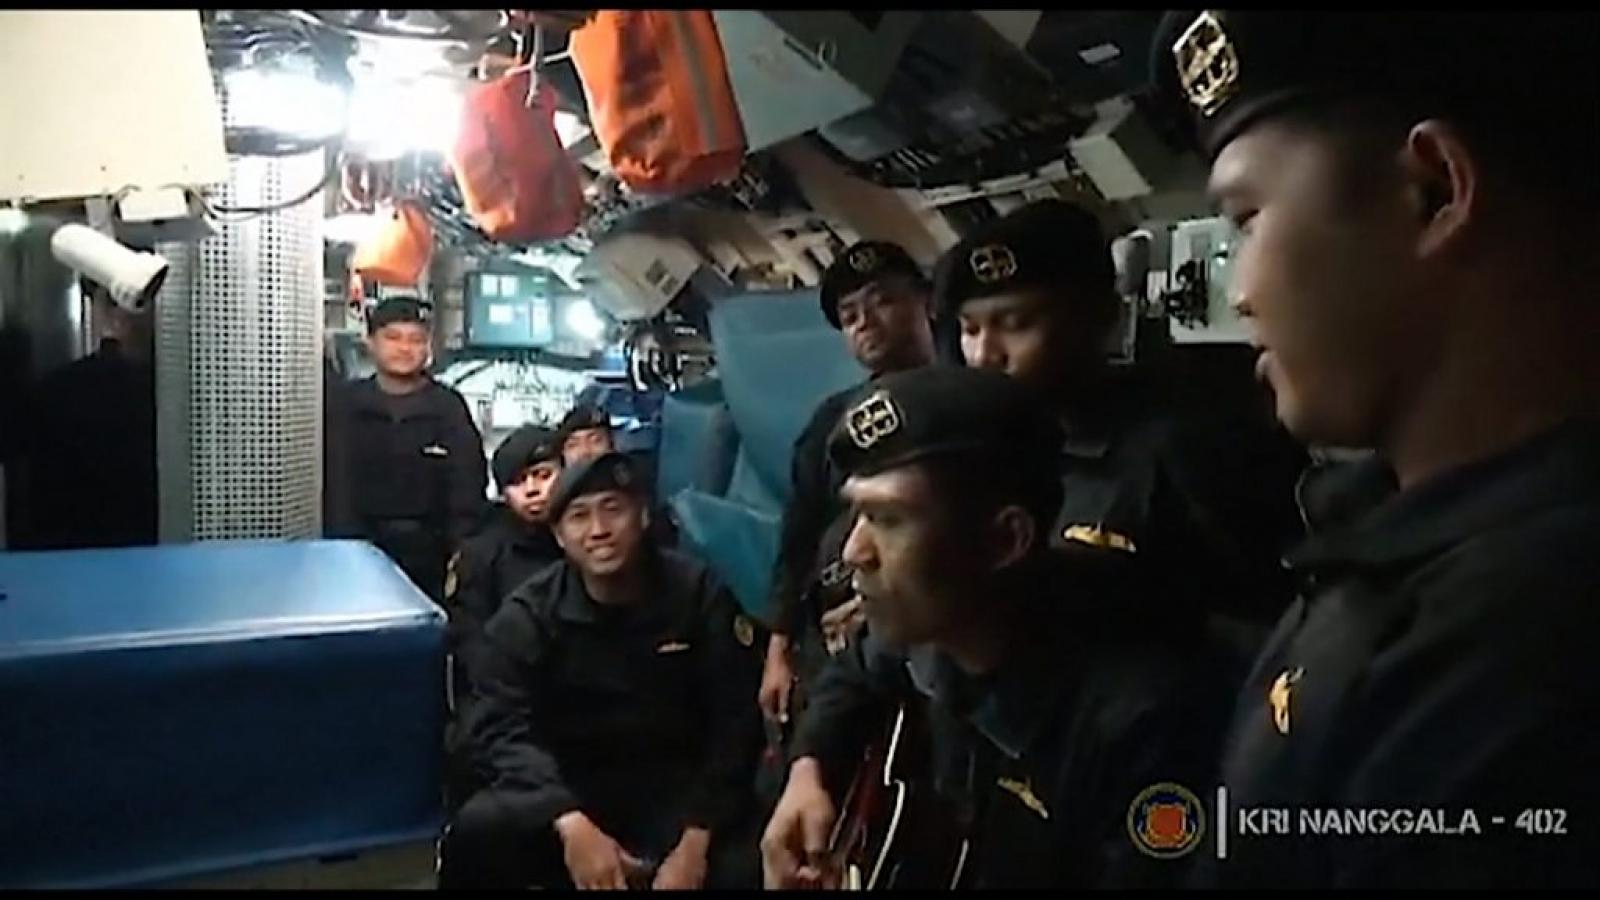 """Video: Thủy thủ tàu ngầm Indonesia hát """"Tạm biệt"""" trước khi gặp nạn"""